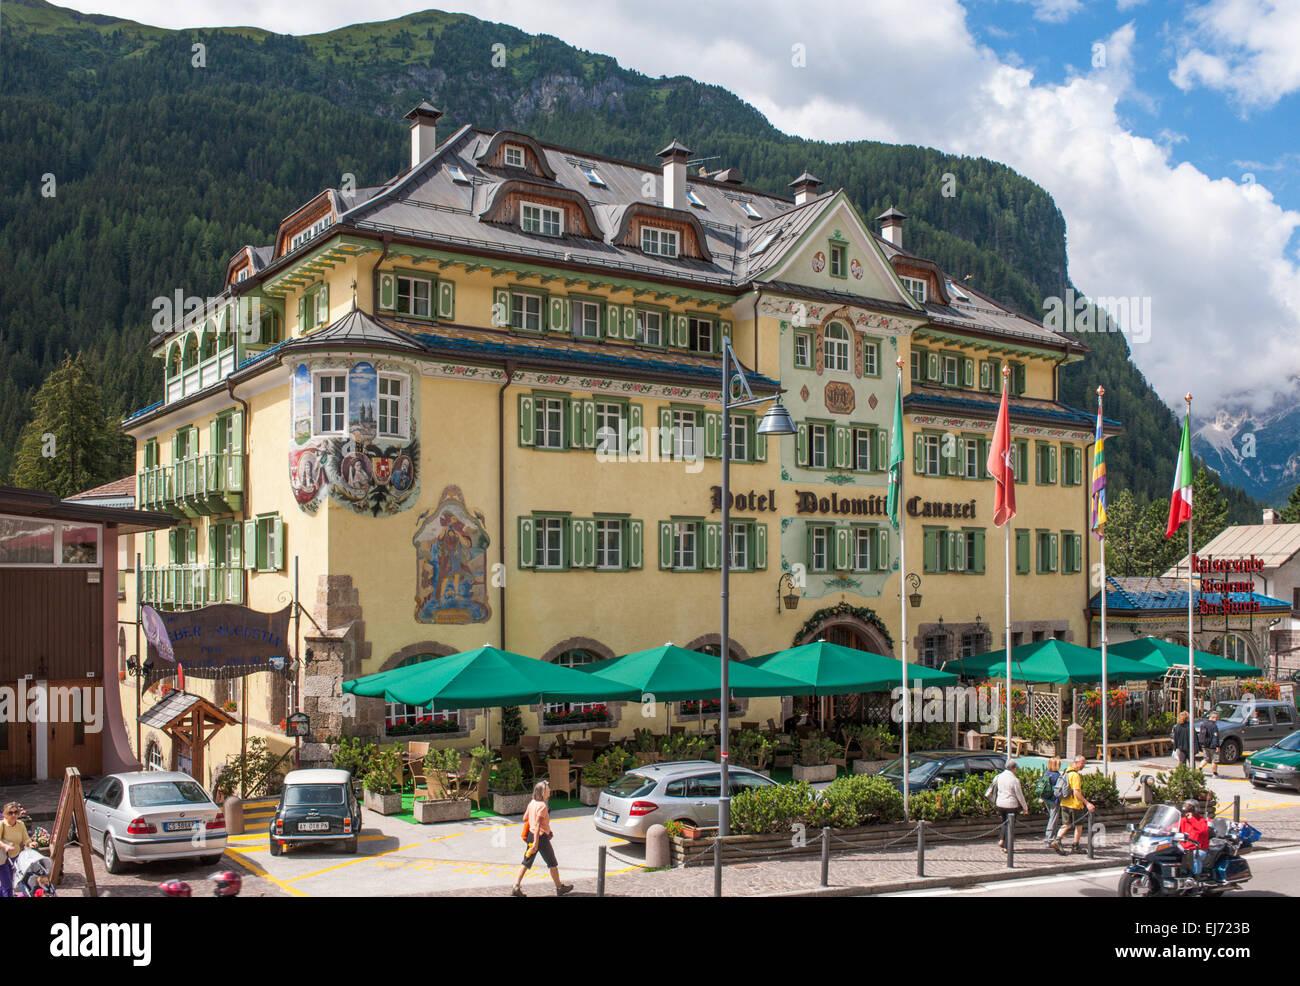 Hotel Dolomiti, Canazei, Trentino-Alto Adige, Italia Immagini Stock